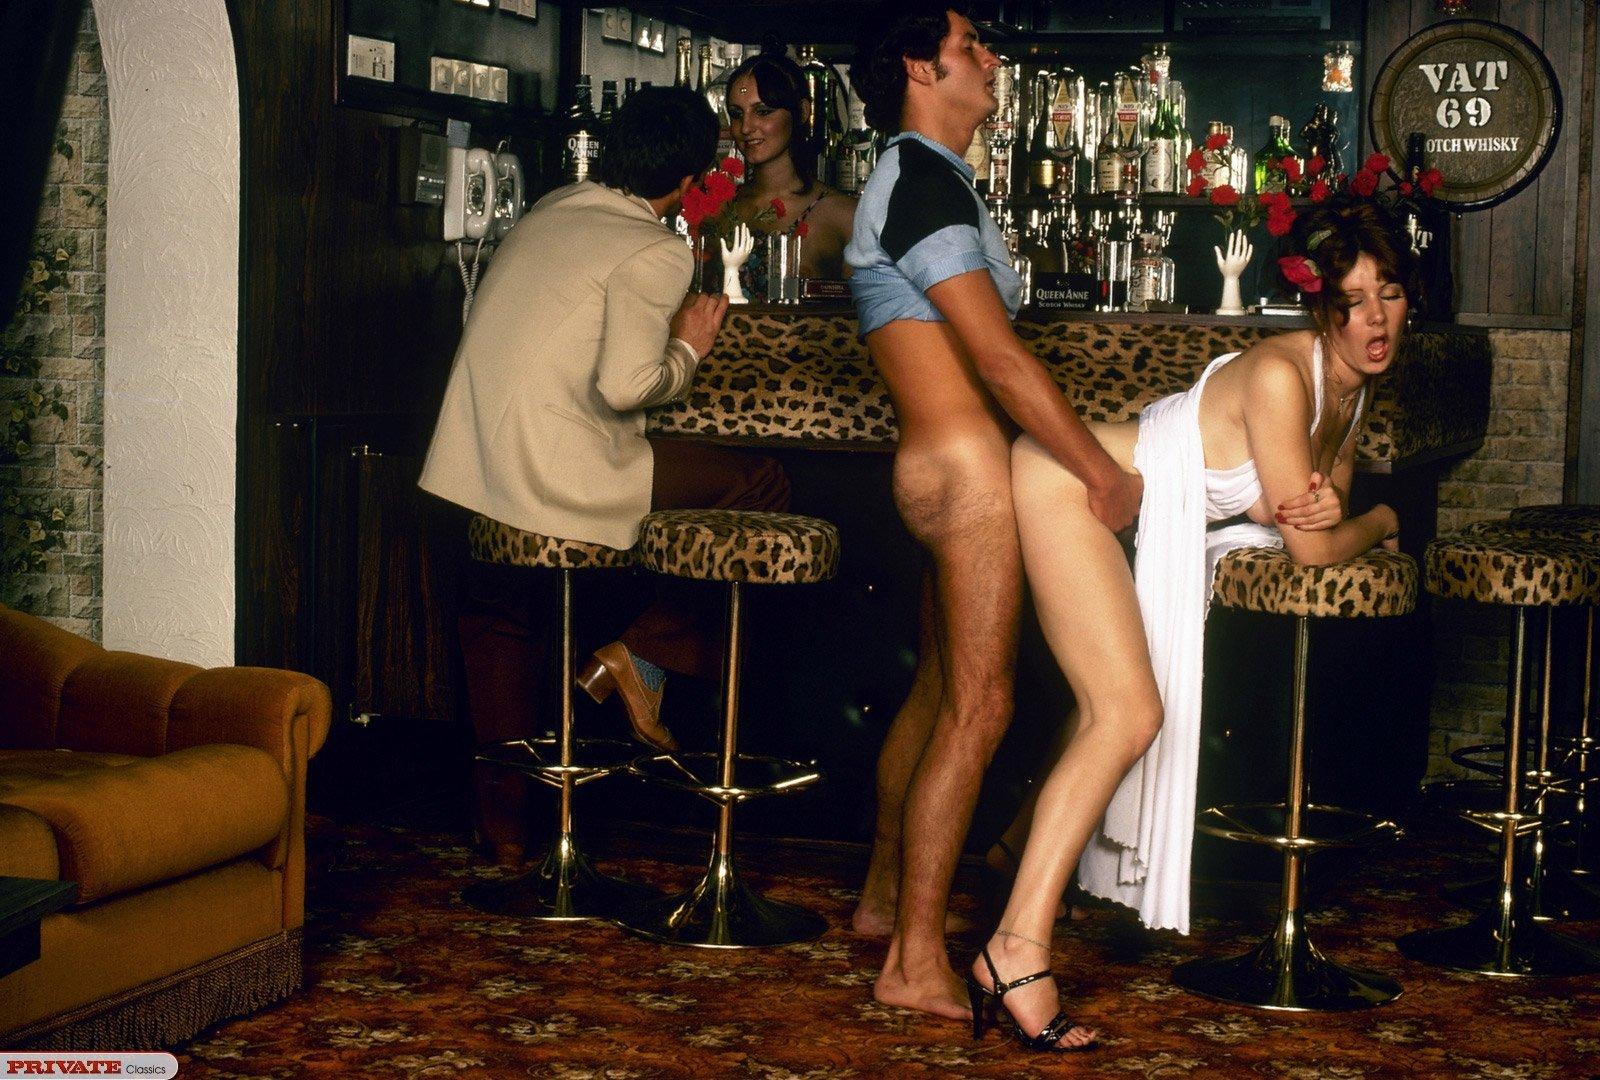 как описать знакомства в баре и дальнейший секс - 9